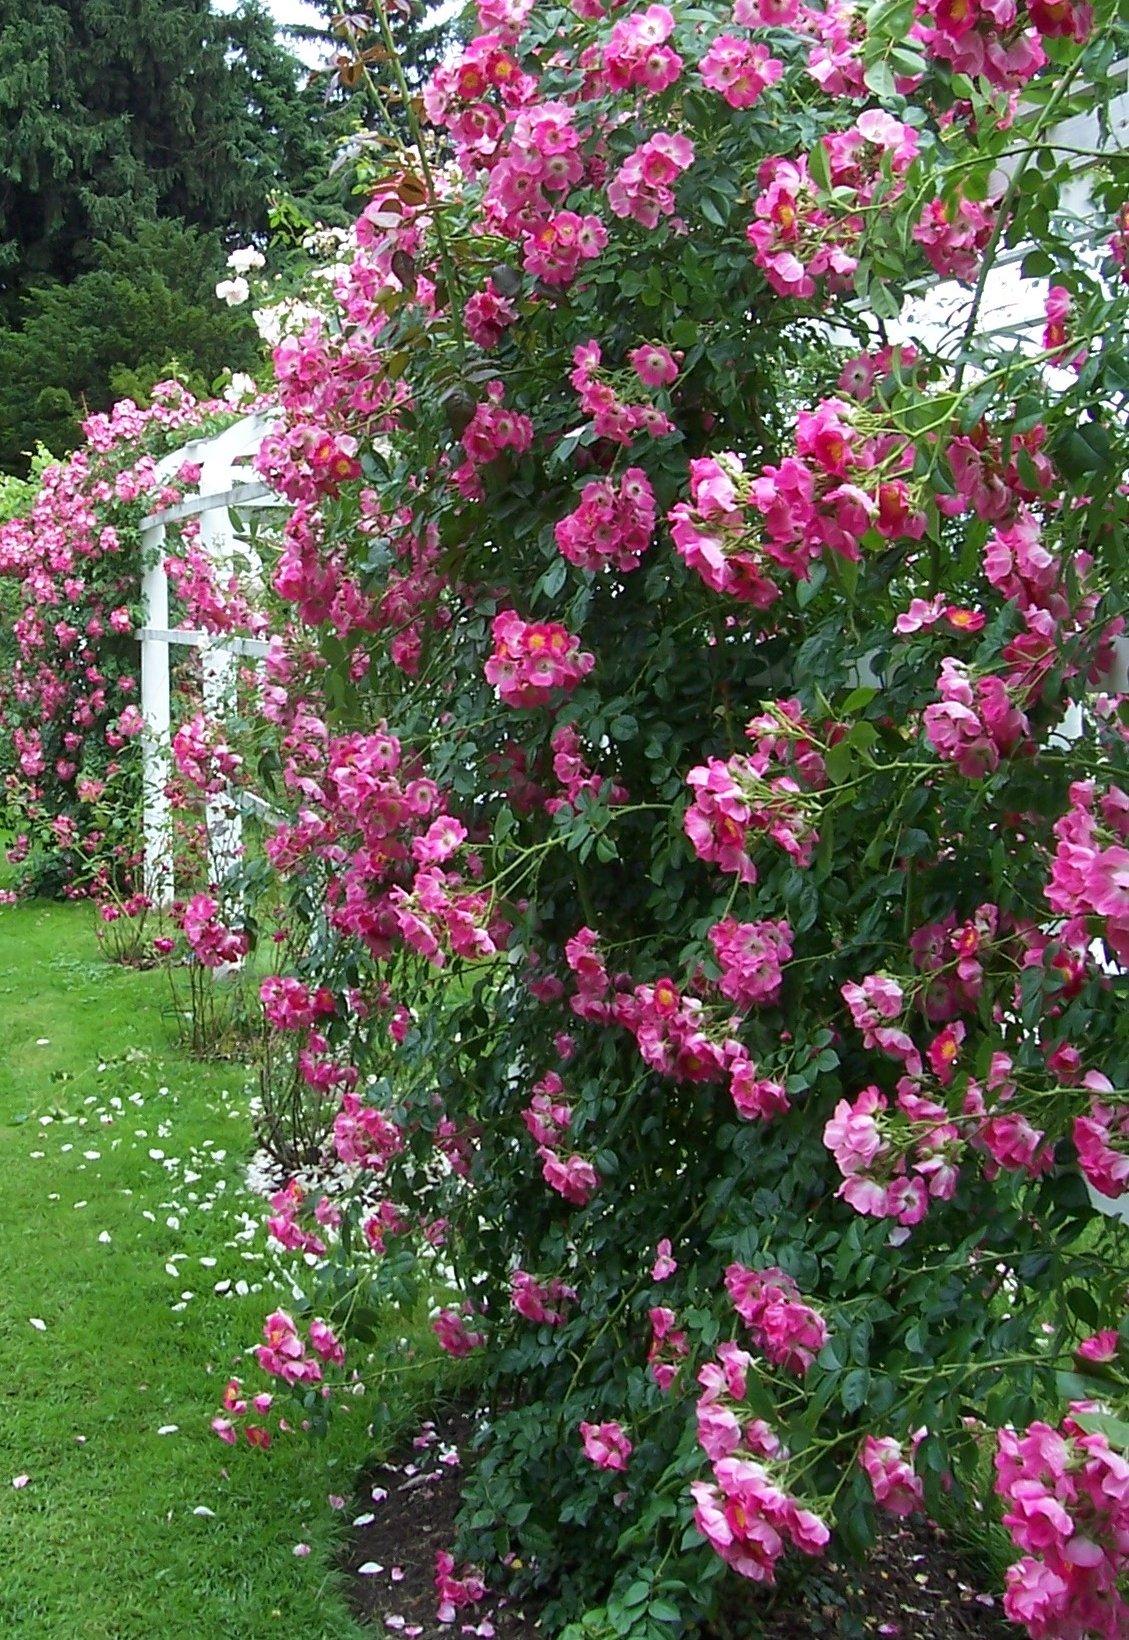 Rosier grimpant jardinier paresseux - Comment fixer un rosier grimpant au mur ...